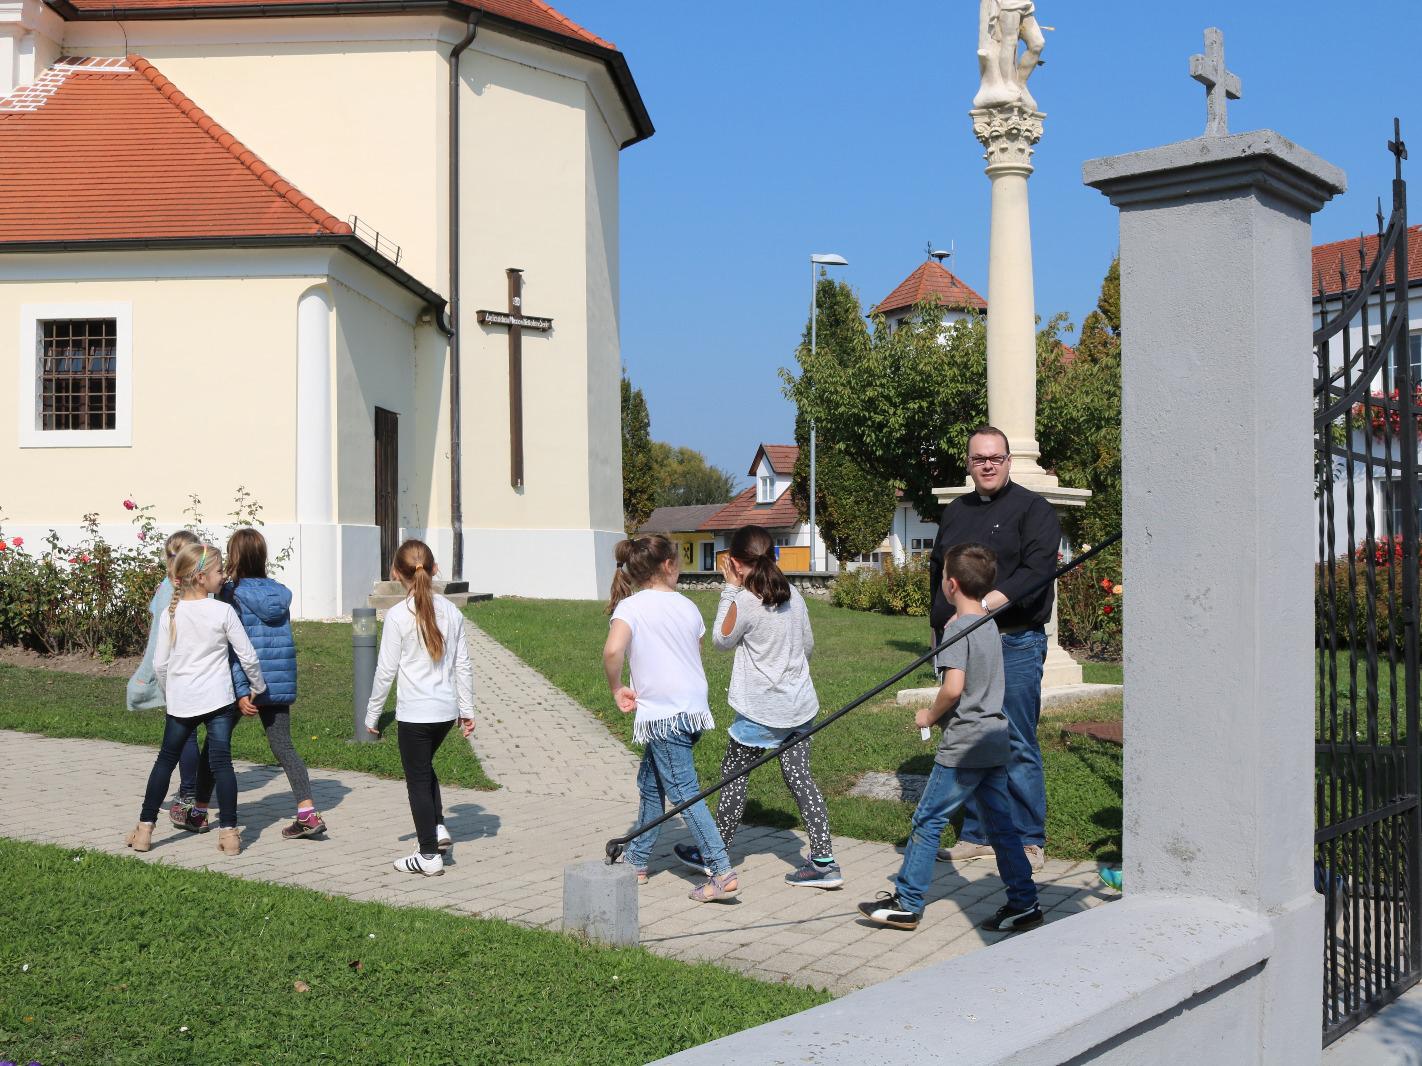 Kinder am Weg zur Kirche